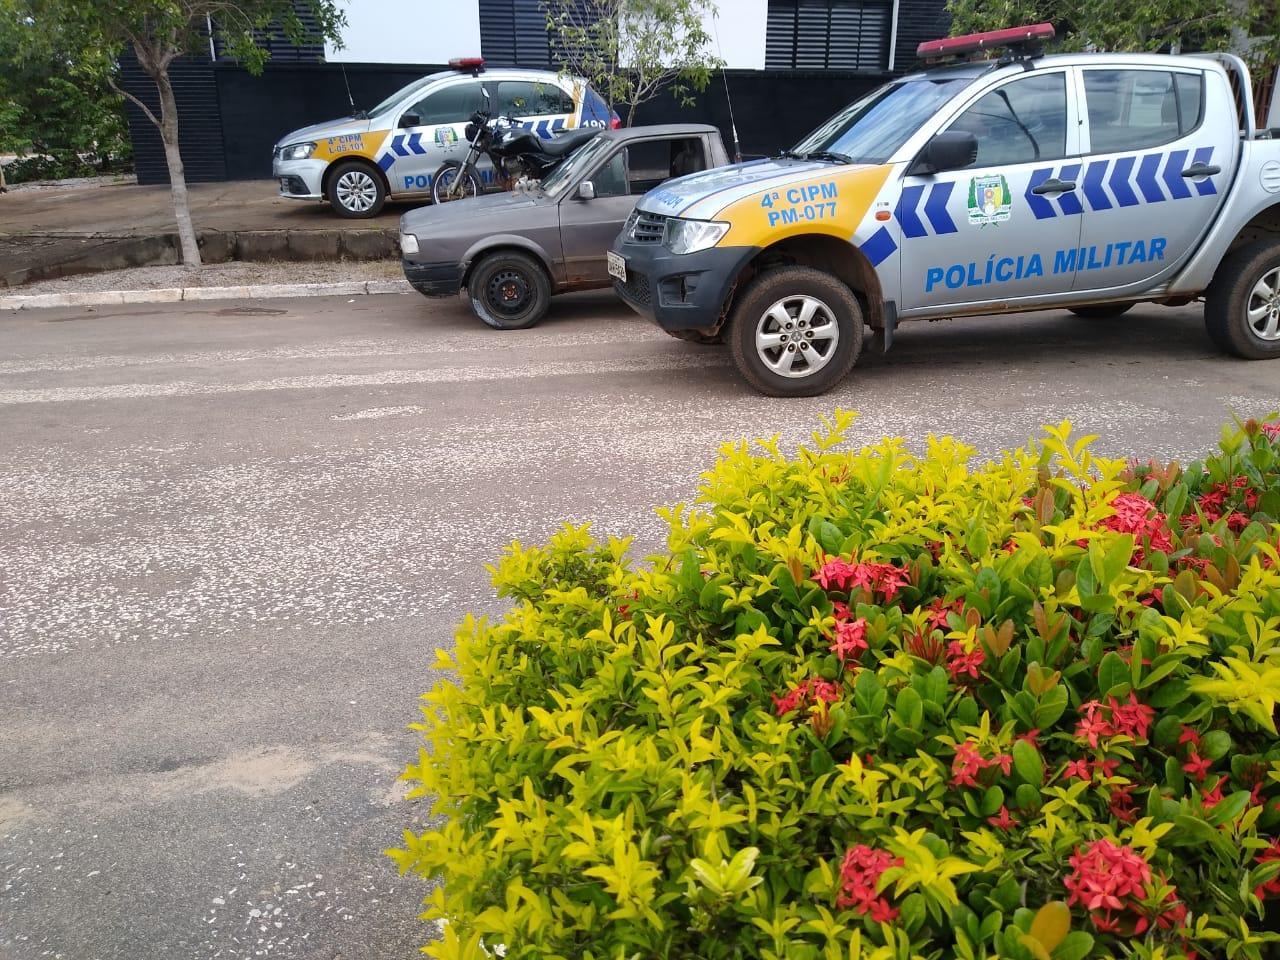 Polícia Militar recupera veículos roubados em Cristalândia